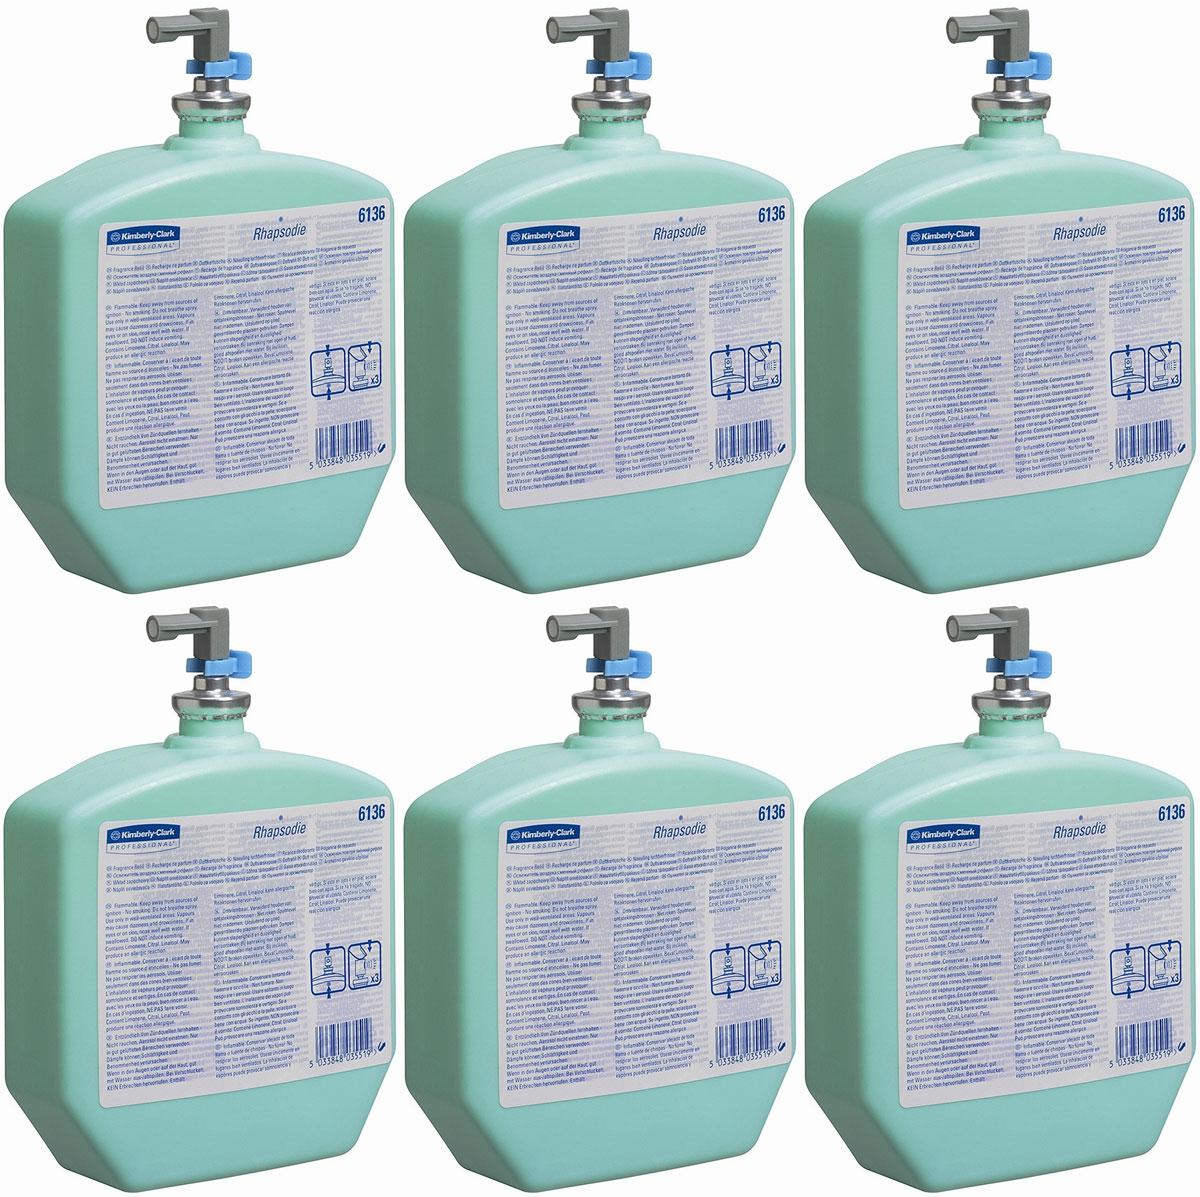 Освежитель воздуха Kimberly-Clark Professional Rhapsodie, 6 сменных блоков по 310 мл. 6136106-026Системы освежителей воздуха KIMBERLY-CLARK PROFESSIONAL® с дозатором могут быть запрограммированы для создания аромата, соответствующего Вашим предпочтениям.Идеальное решение для использования с диспенсерами RIPPLE® или AQUA® для освежителей воздуха; возможность настройки для создания необходимого аромата.Формат поставки: 6 картриджей по 310 мл пластиковая емкость с дозатором; аромат RHAPSODIE – нежный, с цитрусовыми нотами.